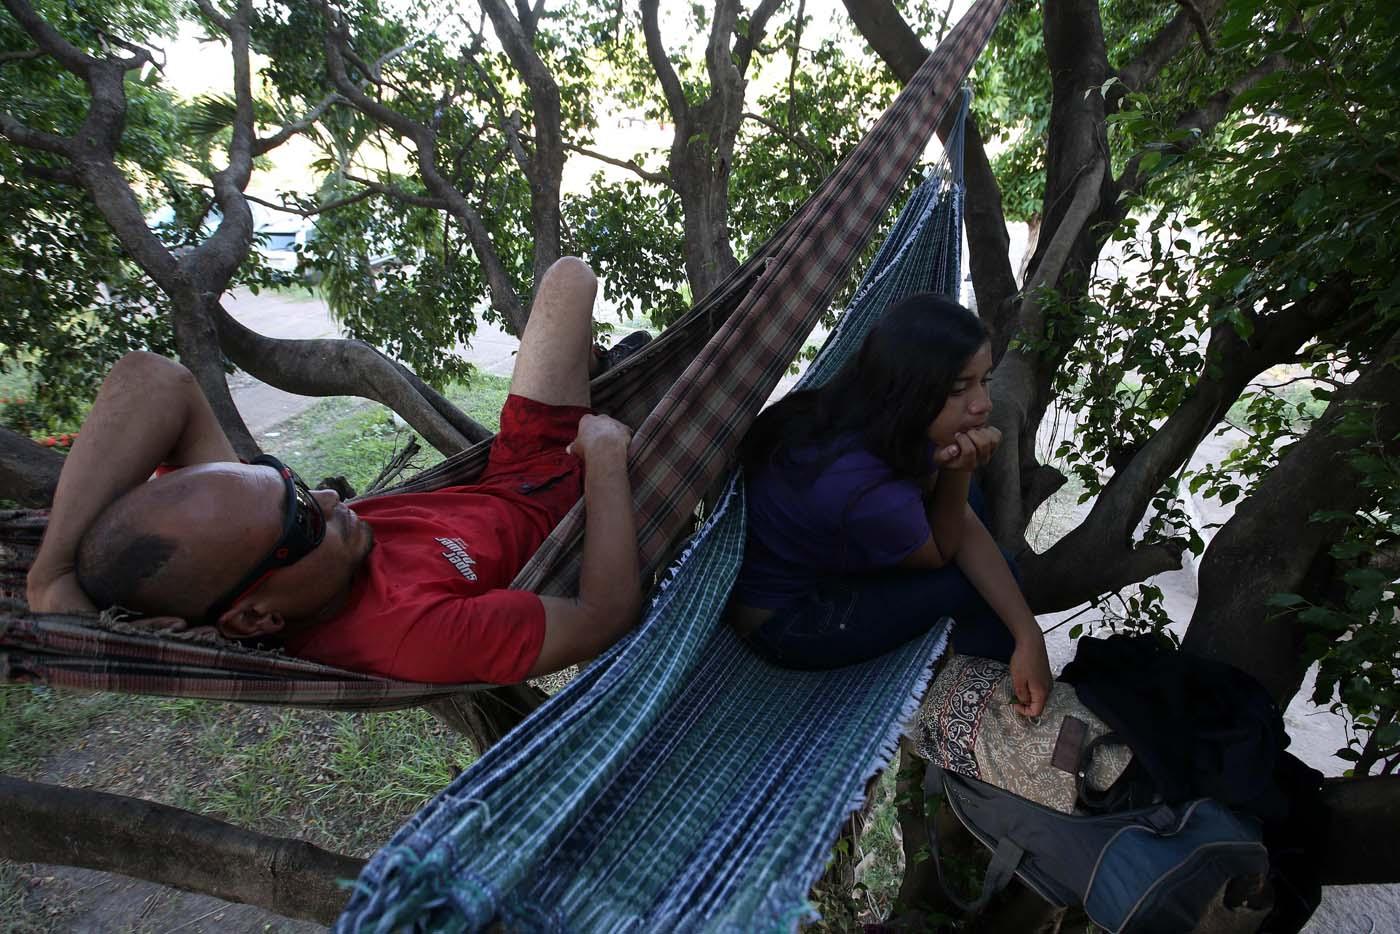 """ACOMPAÑA CRÓNICA: BRASIL VENEZUELA BRA06. BOA VISTA (BRASIL), 22/10/2016.- Los venezolanos José Antonio Garrido (i) y Sairelis Ríos (d) duermen en sus hamacas este jueves, 20 de octubre de 2016, frente a la terminal de autobuses de Boa Vista, estado de Roraima (Brasil). Es venezolana, tiene 20 años, quiere ser traductora y hoy, en una hamaca colgada en un árbol que ha convertido en su casa en la ciudad brasileña de Boa Vista, mece unos sueños que, según aseguró, no serán truncados por """"el fracaso de una revolución"""". """"No estoy aquí por política. Lo que me trajo aquí fue el fracaso de unas políticas"""", dijo a Efe Sairelis Ríos, quien junto a su madre Keila y una decena de venezolanos vive en plena calle, frente a la terminal de autobuses de Boa Vista, una ciudad que en los últimos meses ha recibido unos 2.500 emigrantes de ese país vecino. EFE/Marcelo Sayão"""